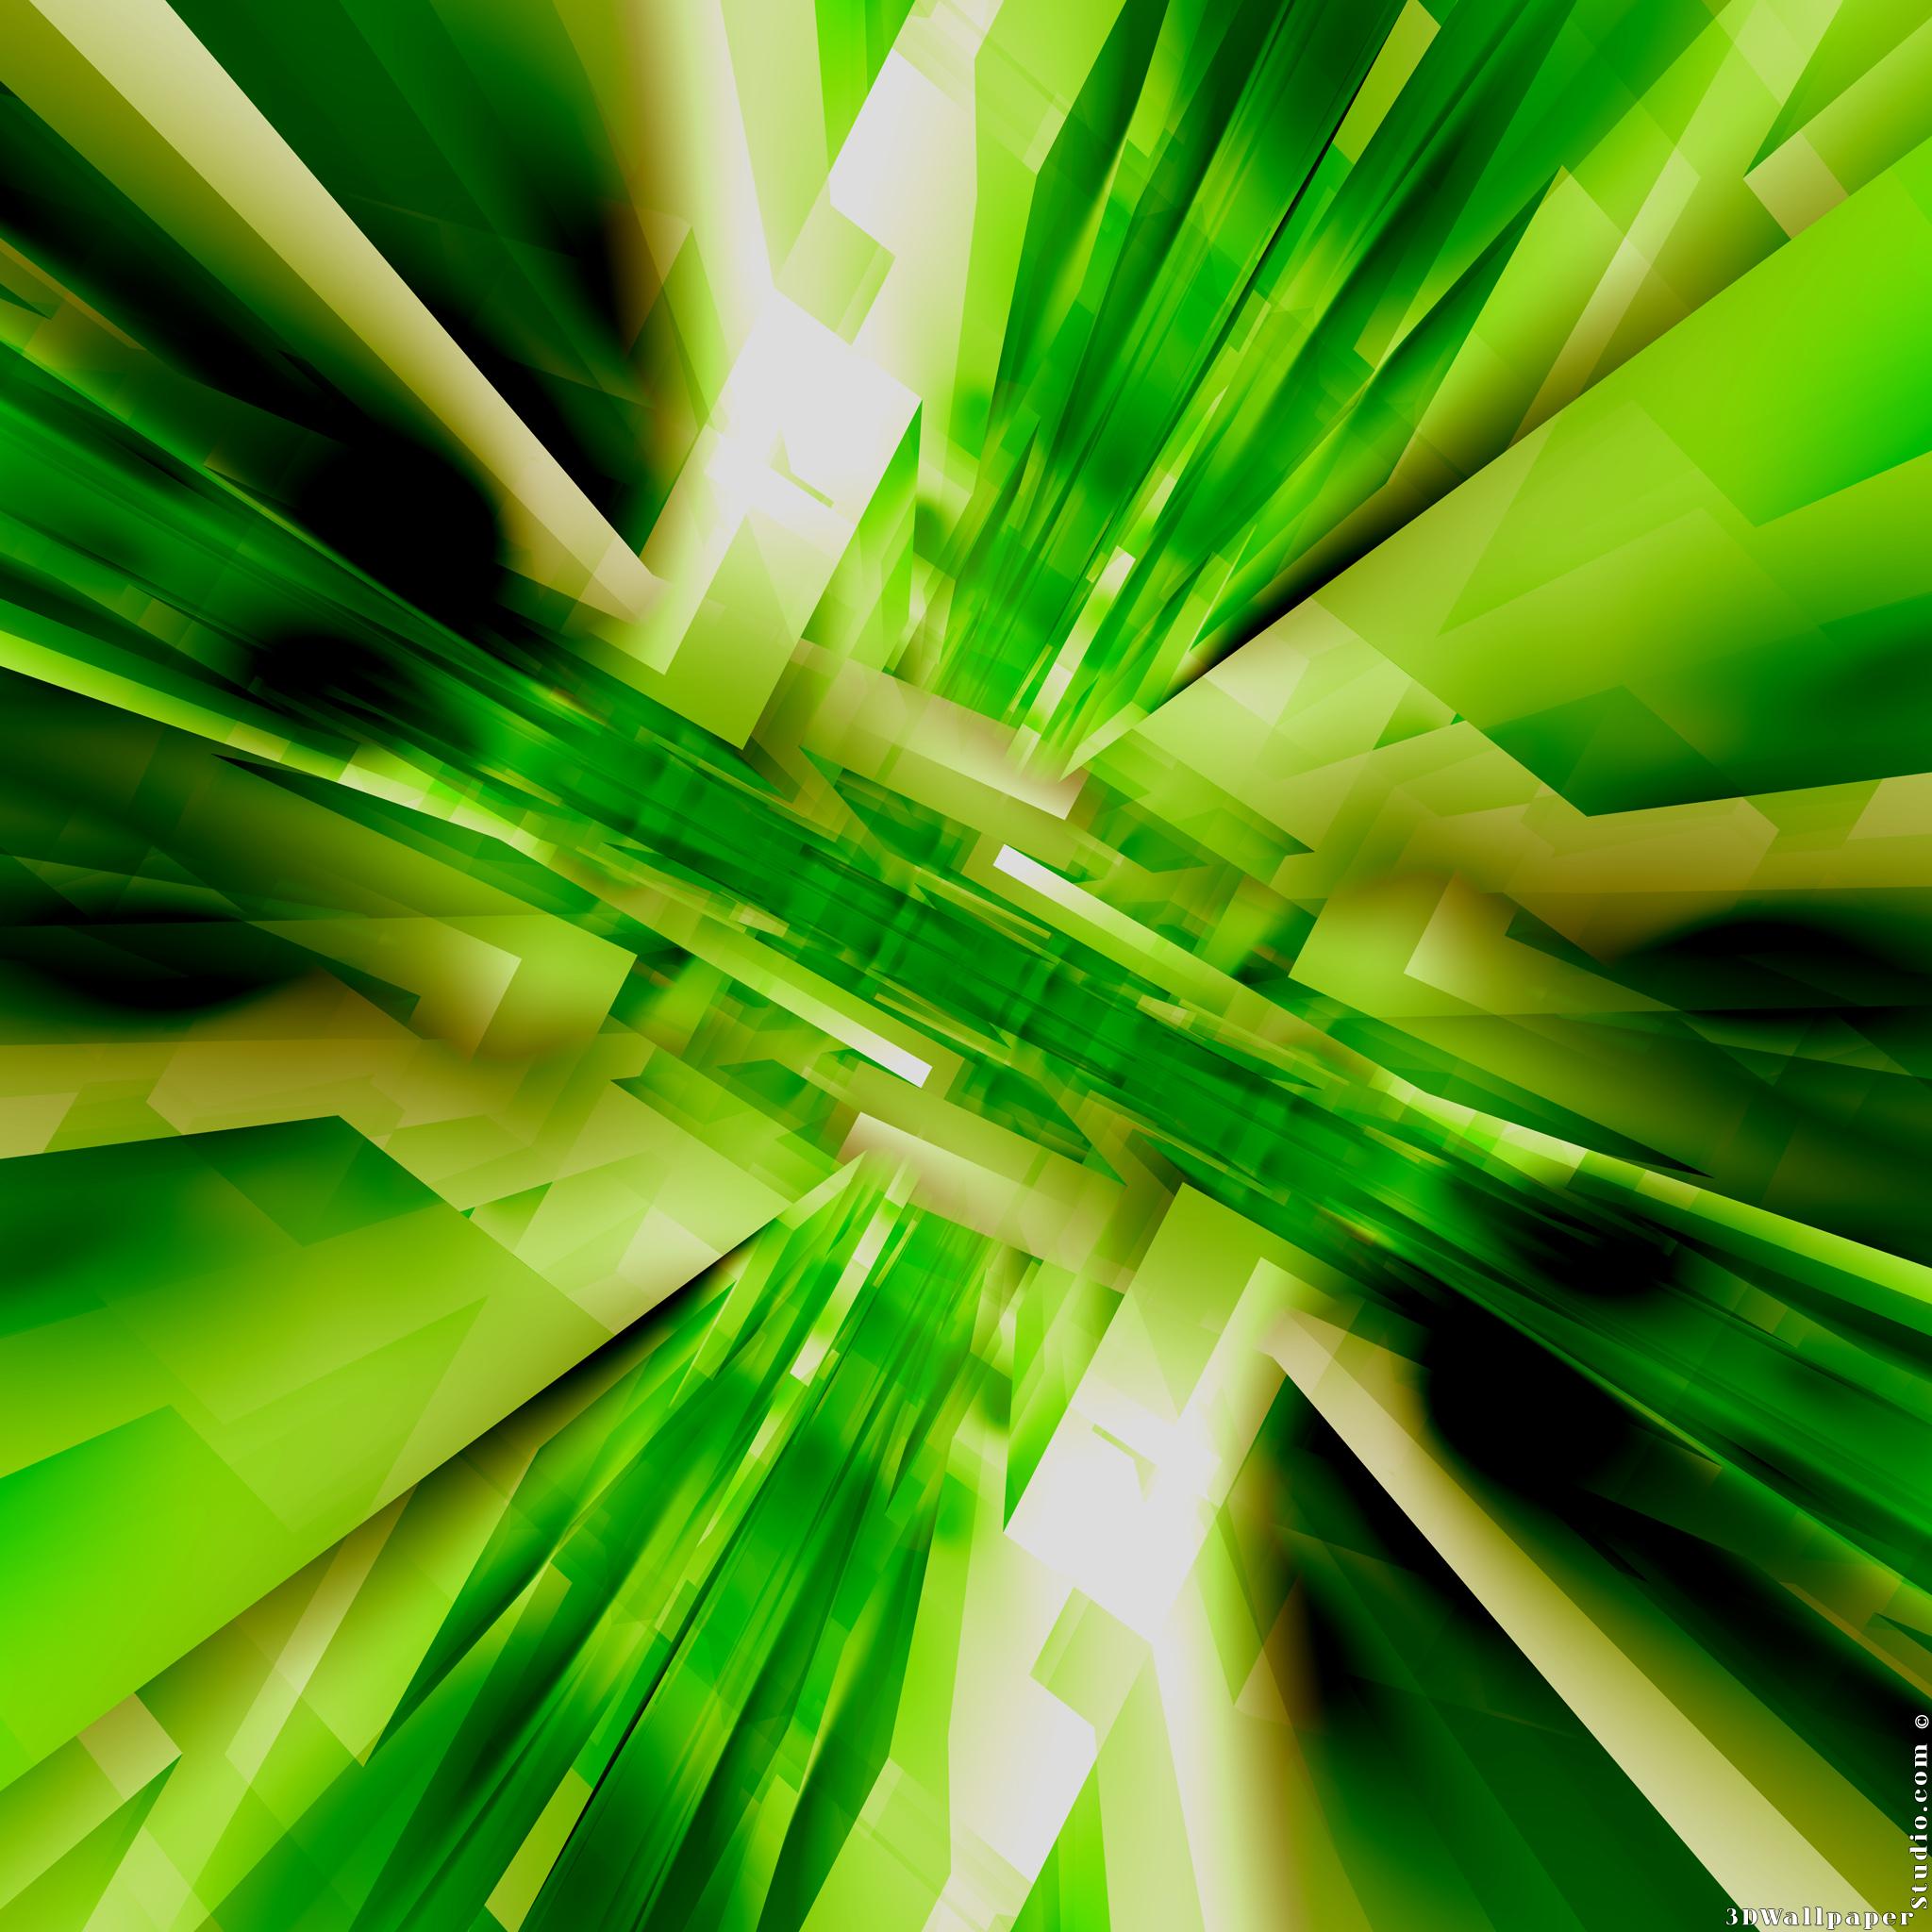 3D Wallpaper High speed 2048 x 2048 2048x2048